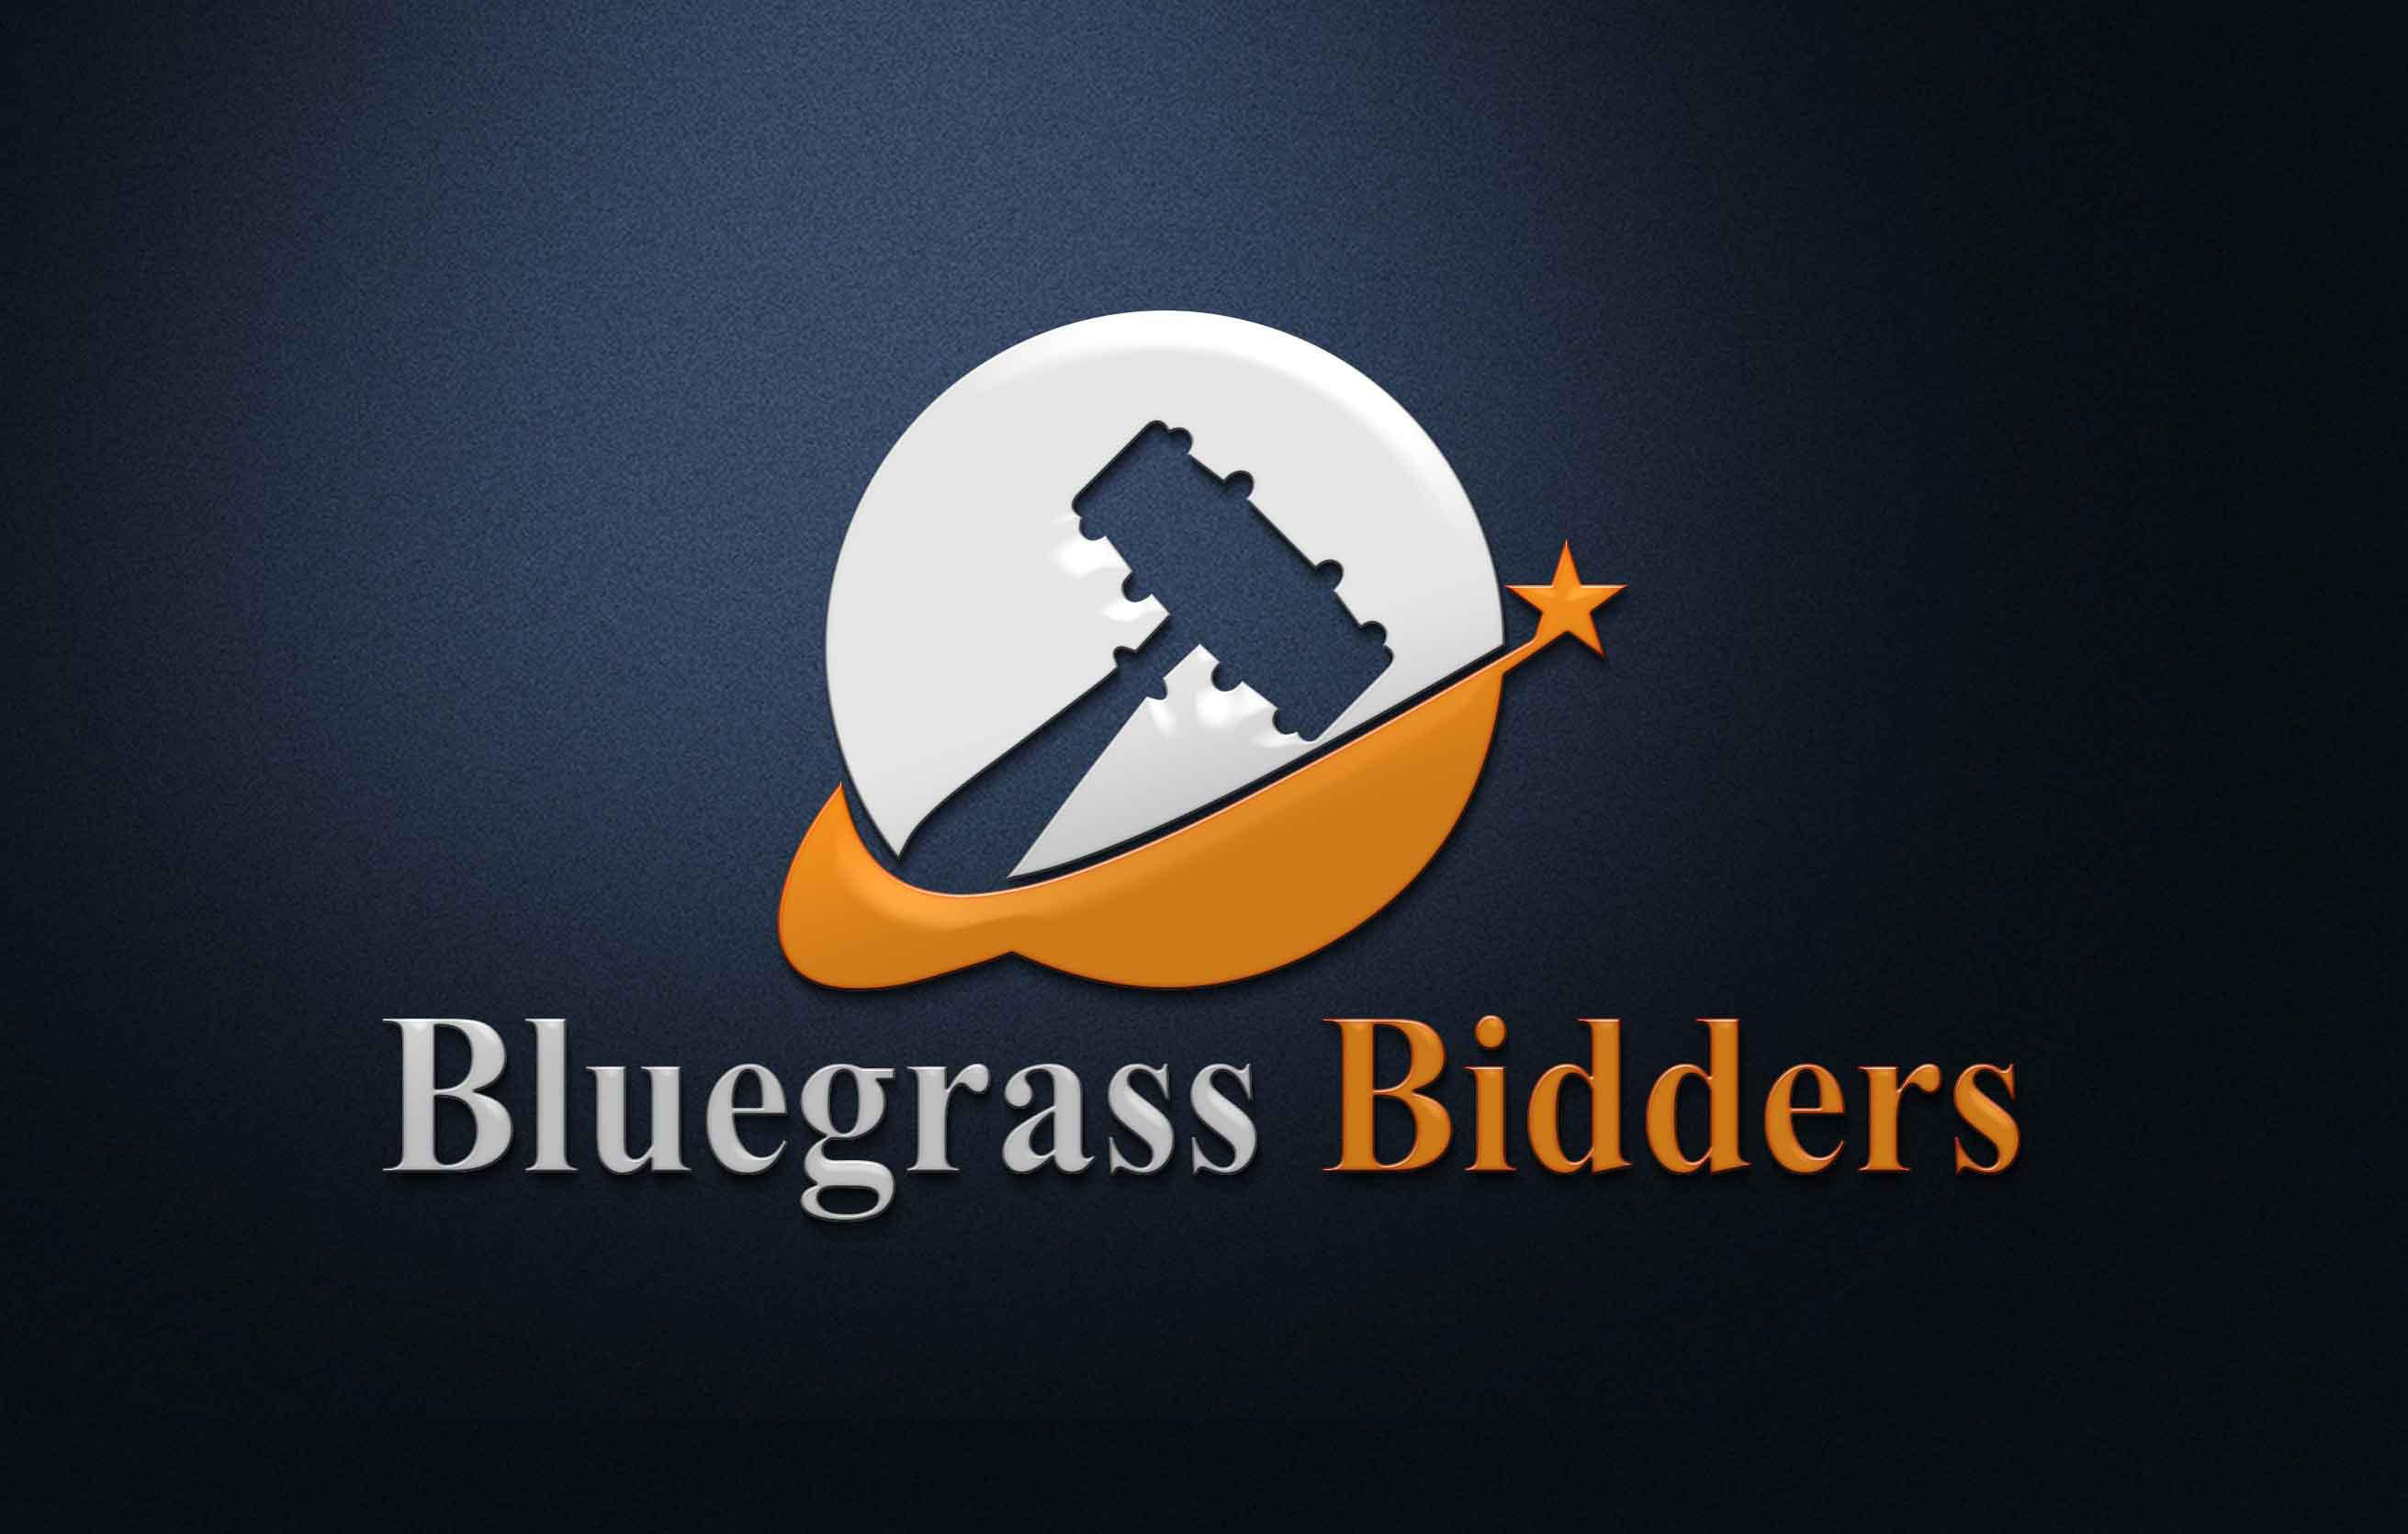 Bluegrass Bidders